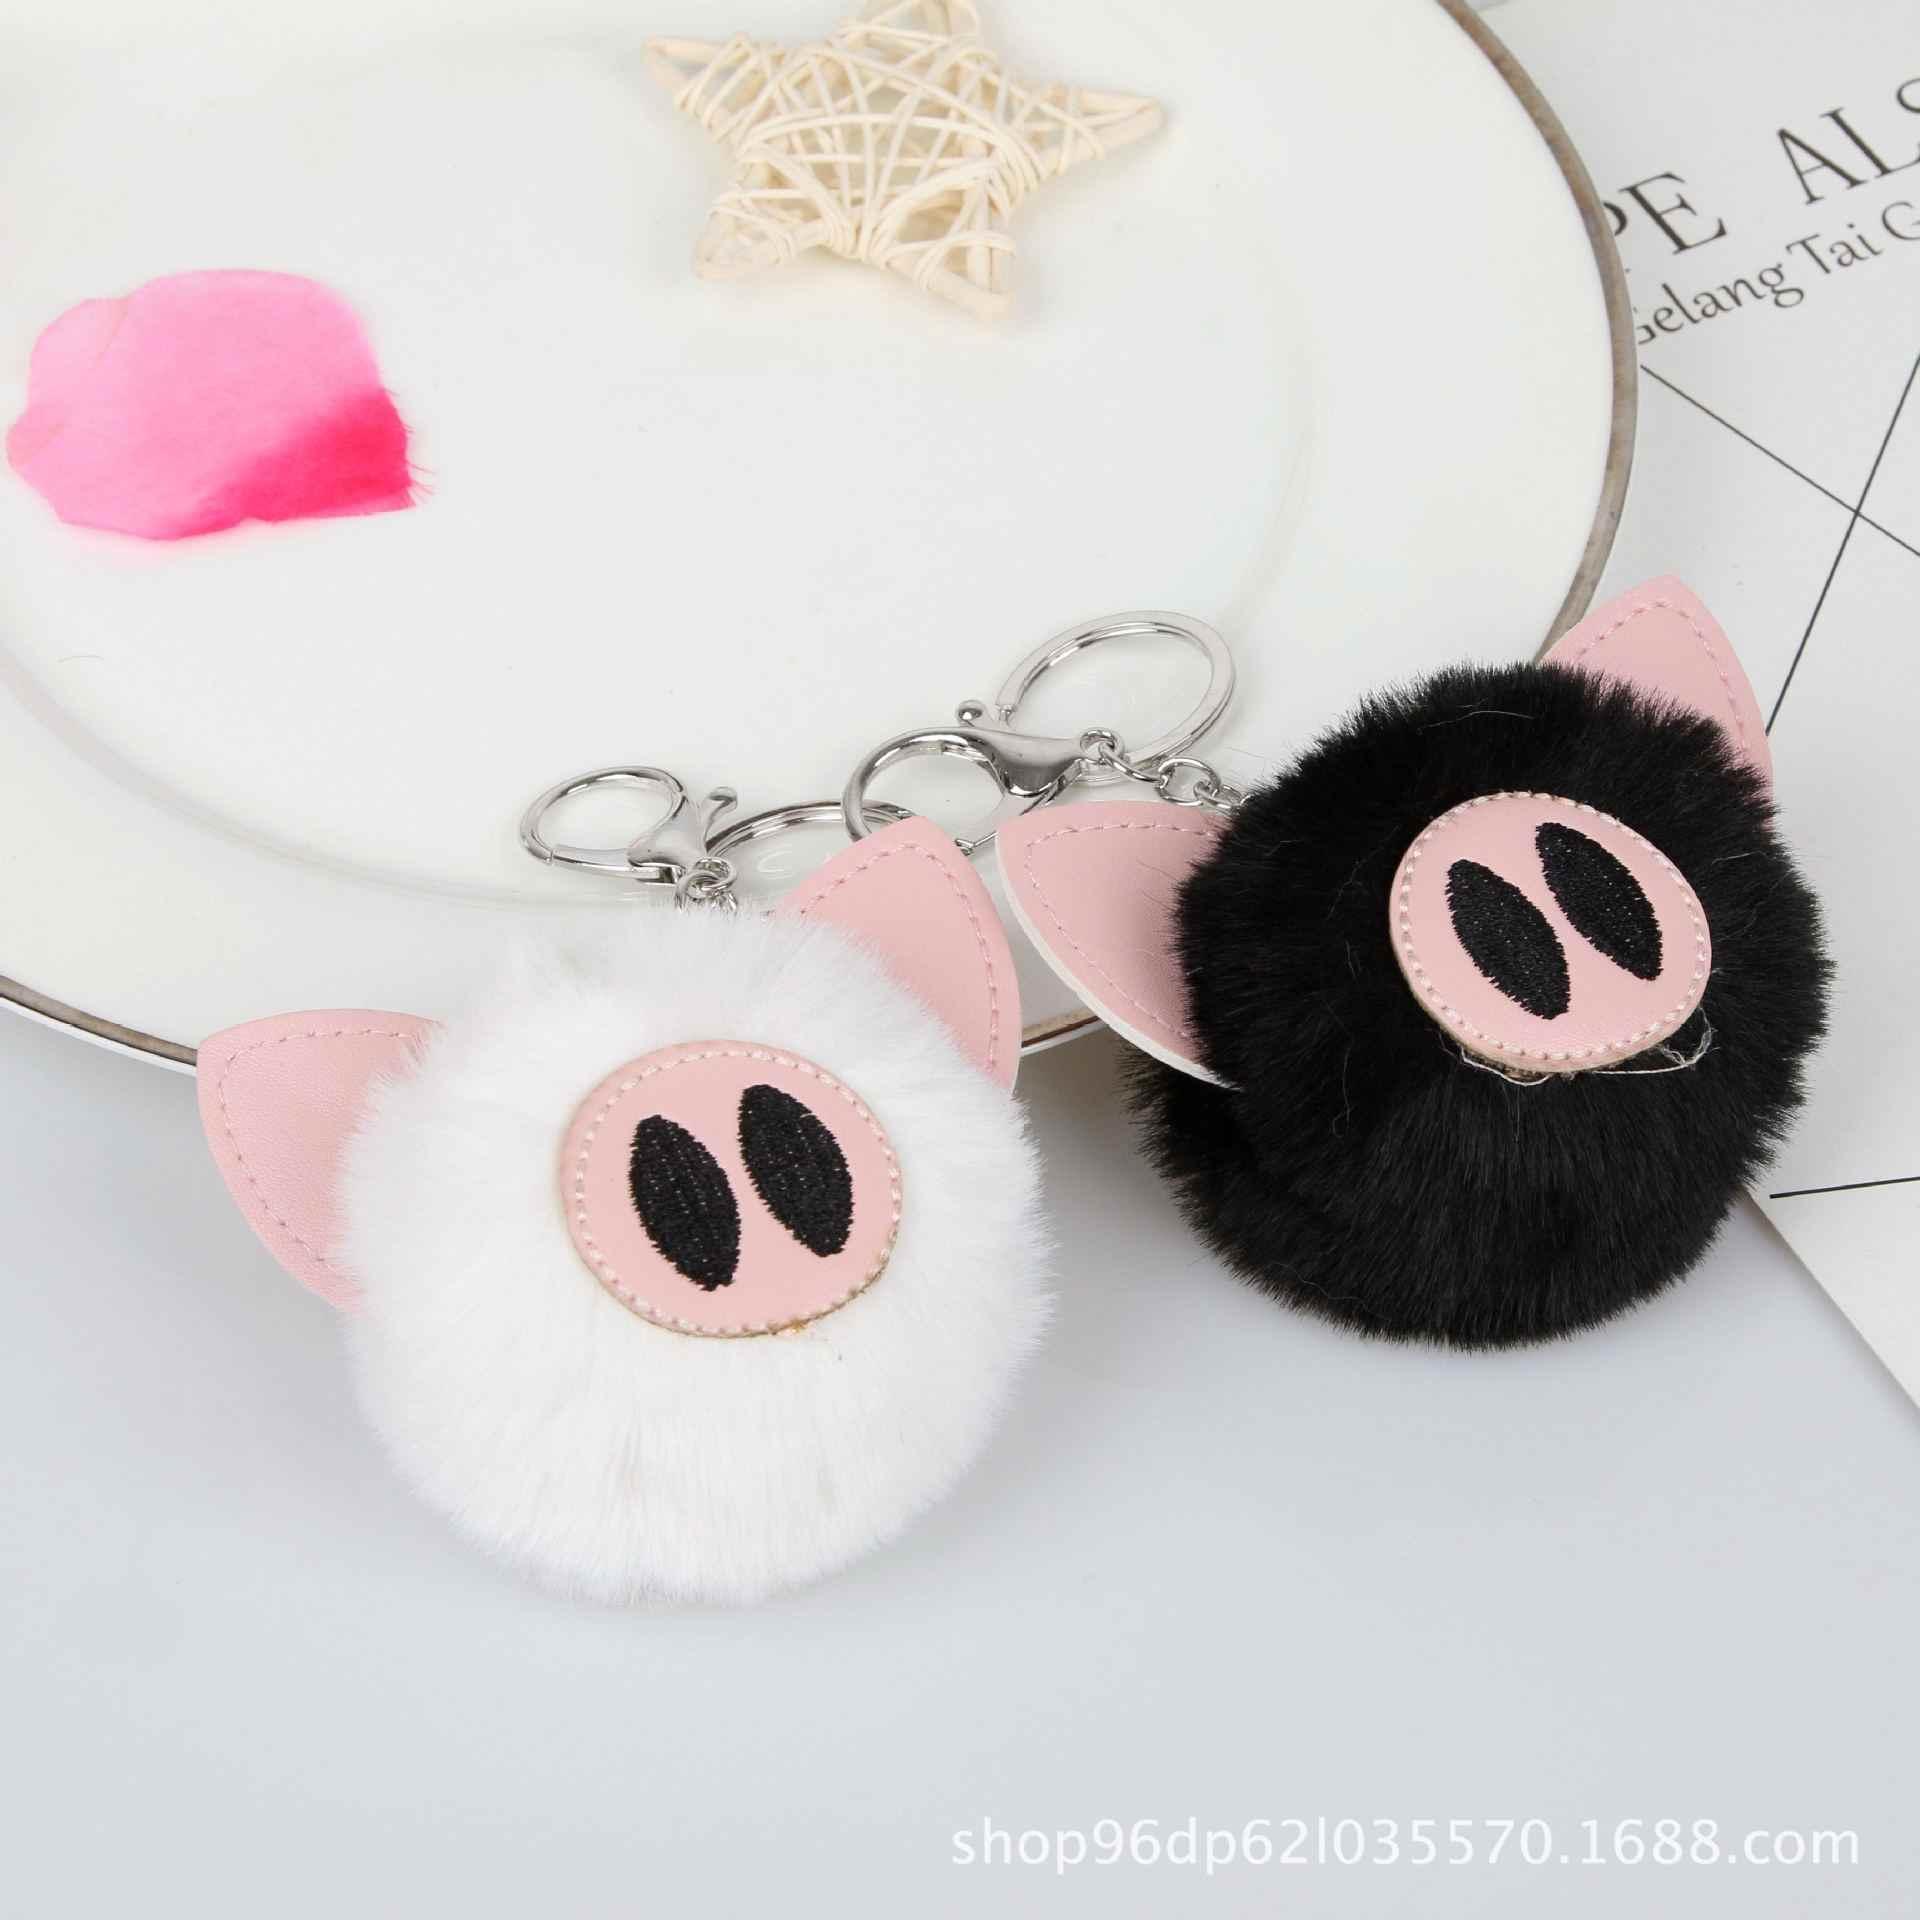 Bonito Falso Pele De Coelho Bola Pompom Pompom Moda Chaveiro Chaveiro Chaveiro Porco Animal Pom pom Mulheres Saco do Anel Chave jóias